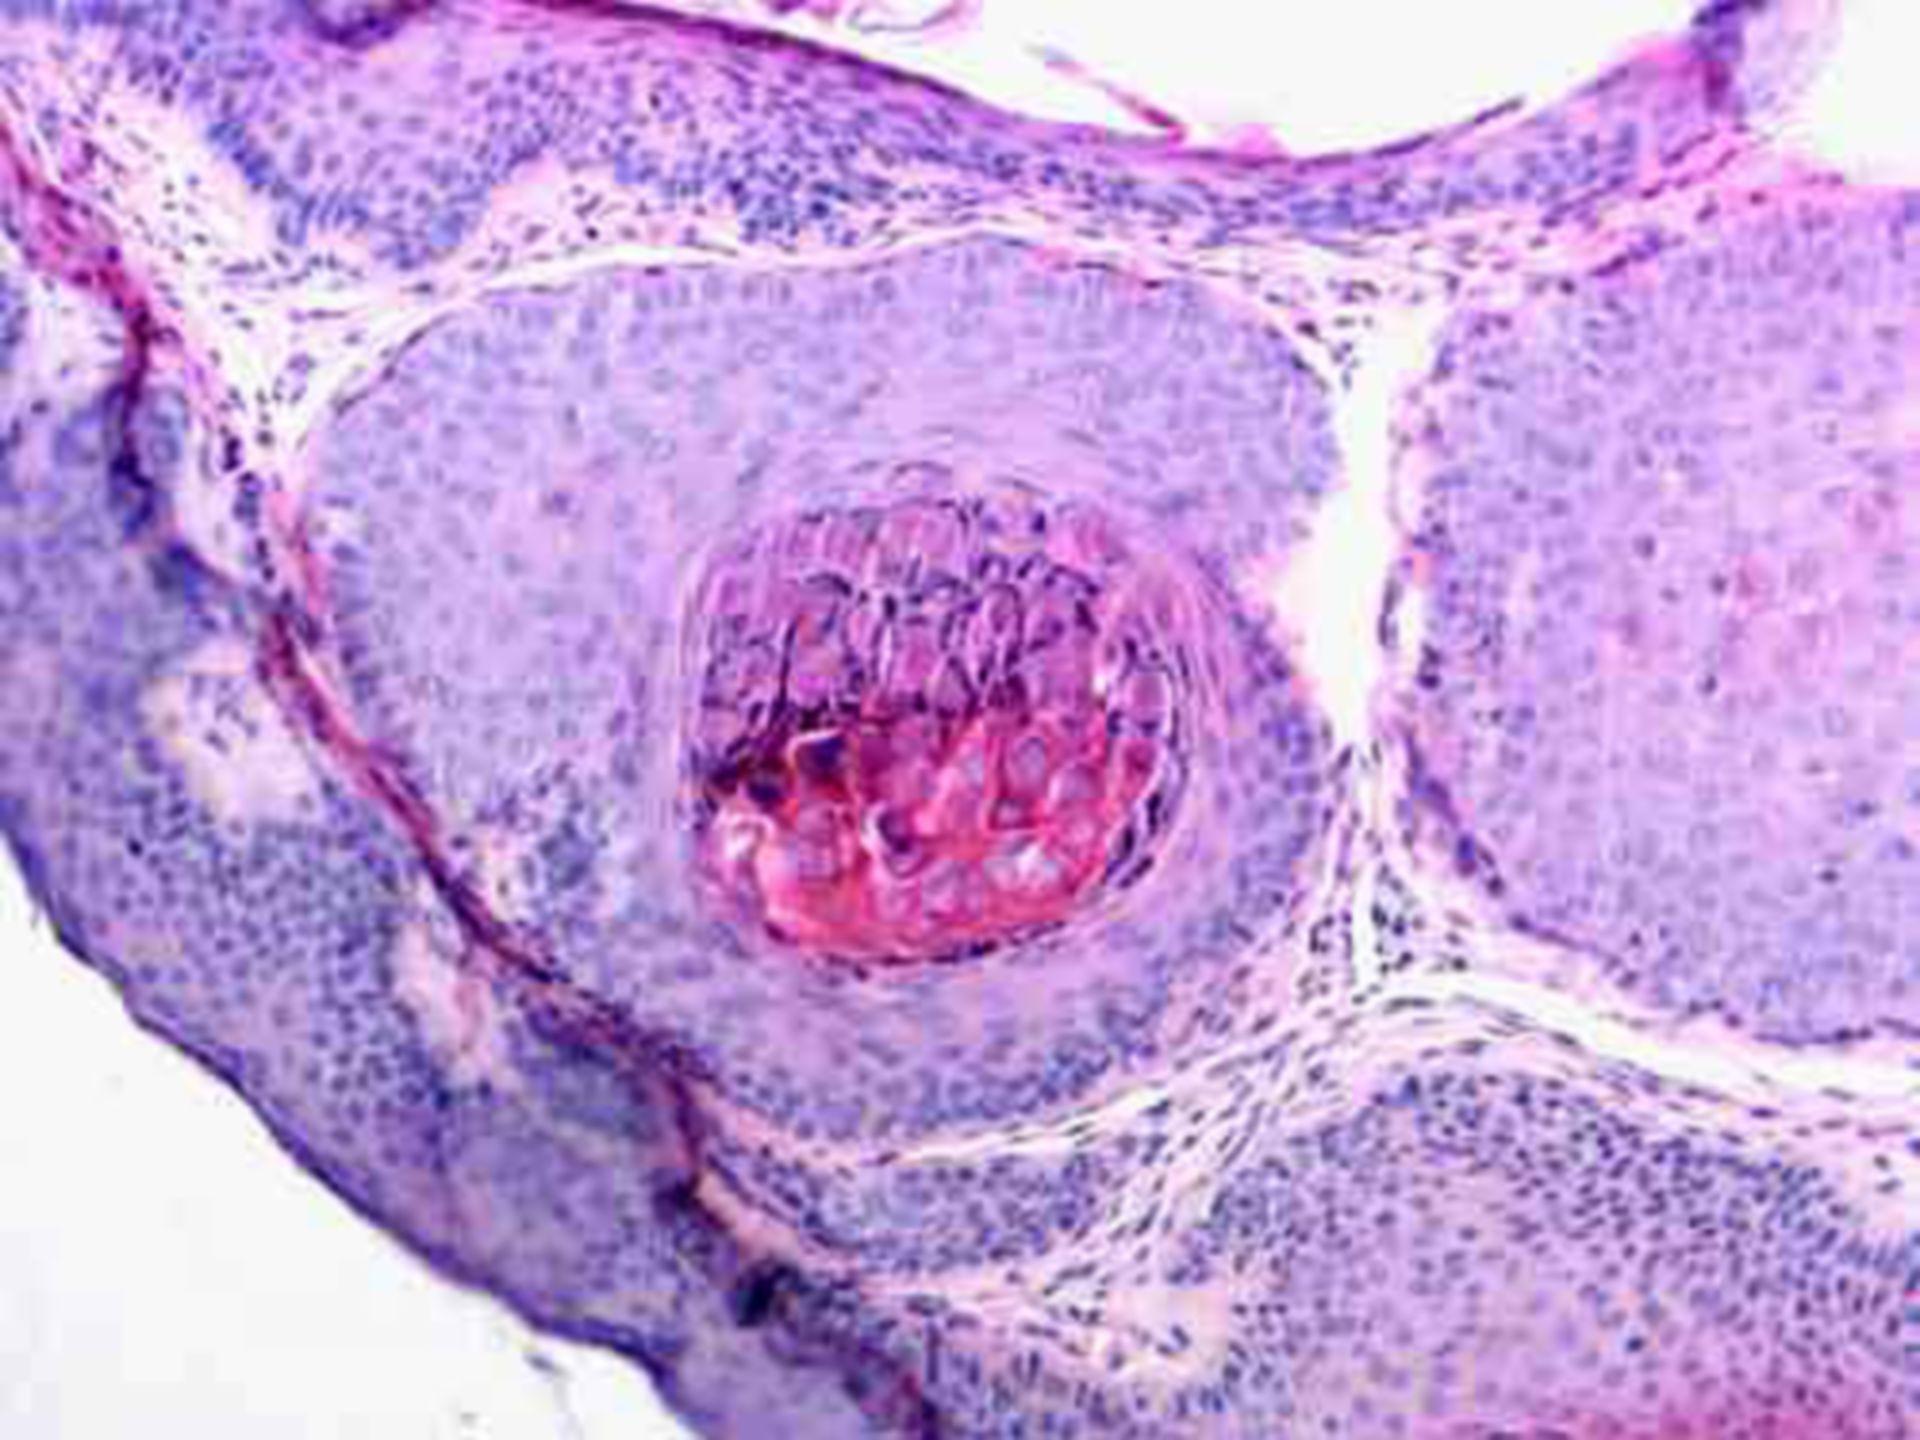 Molluscum contagiosum (histology)